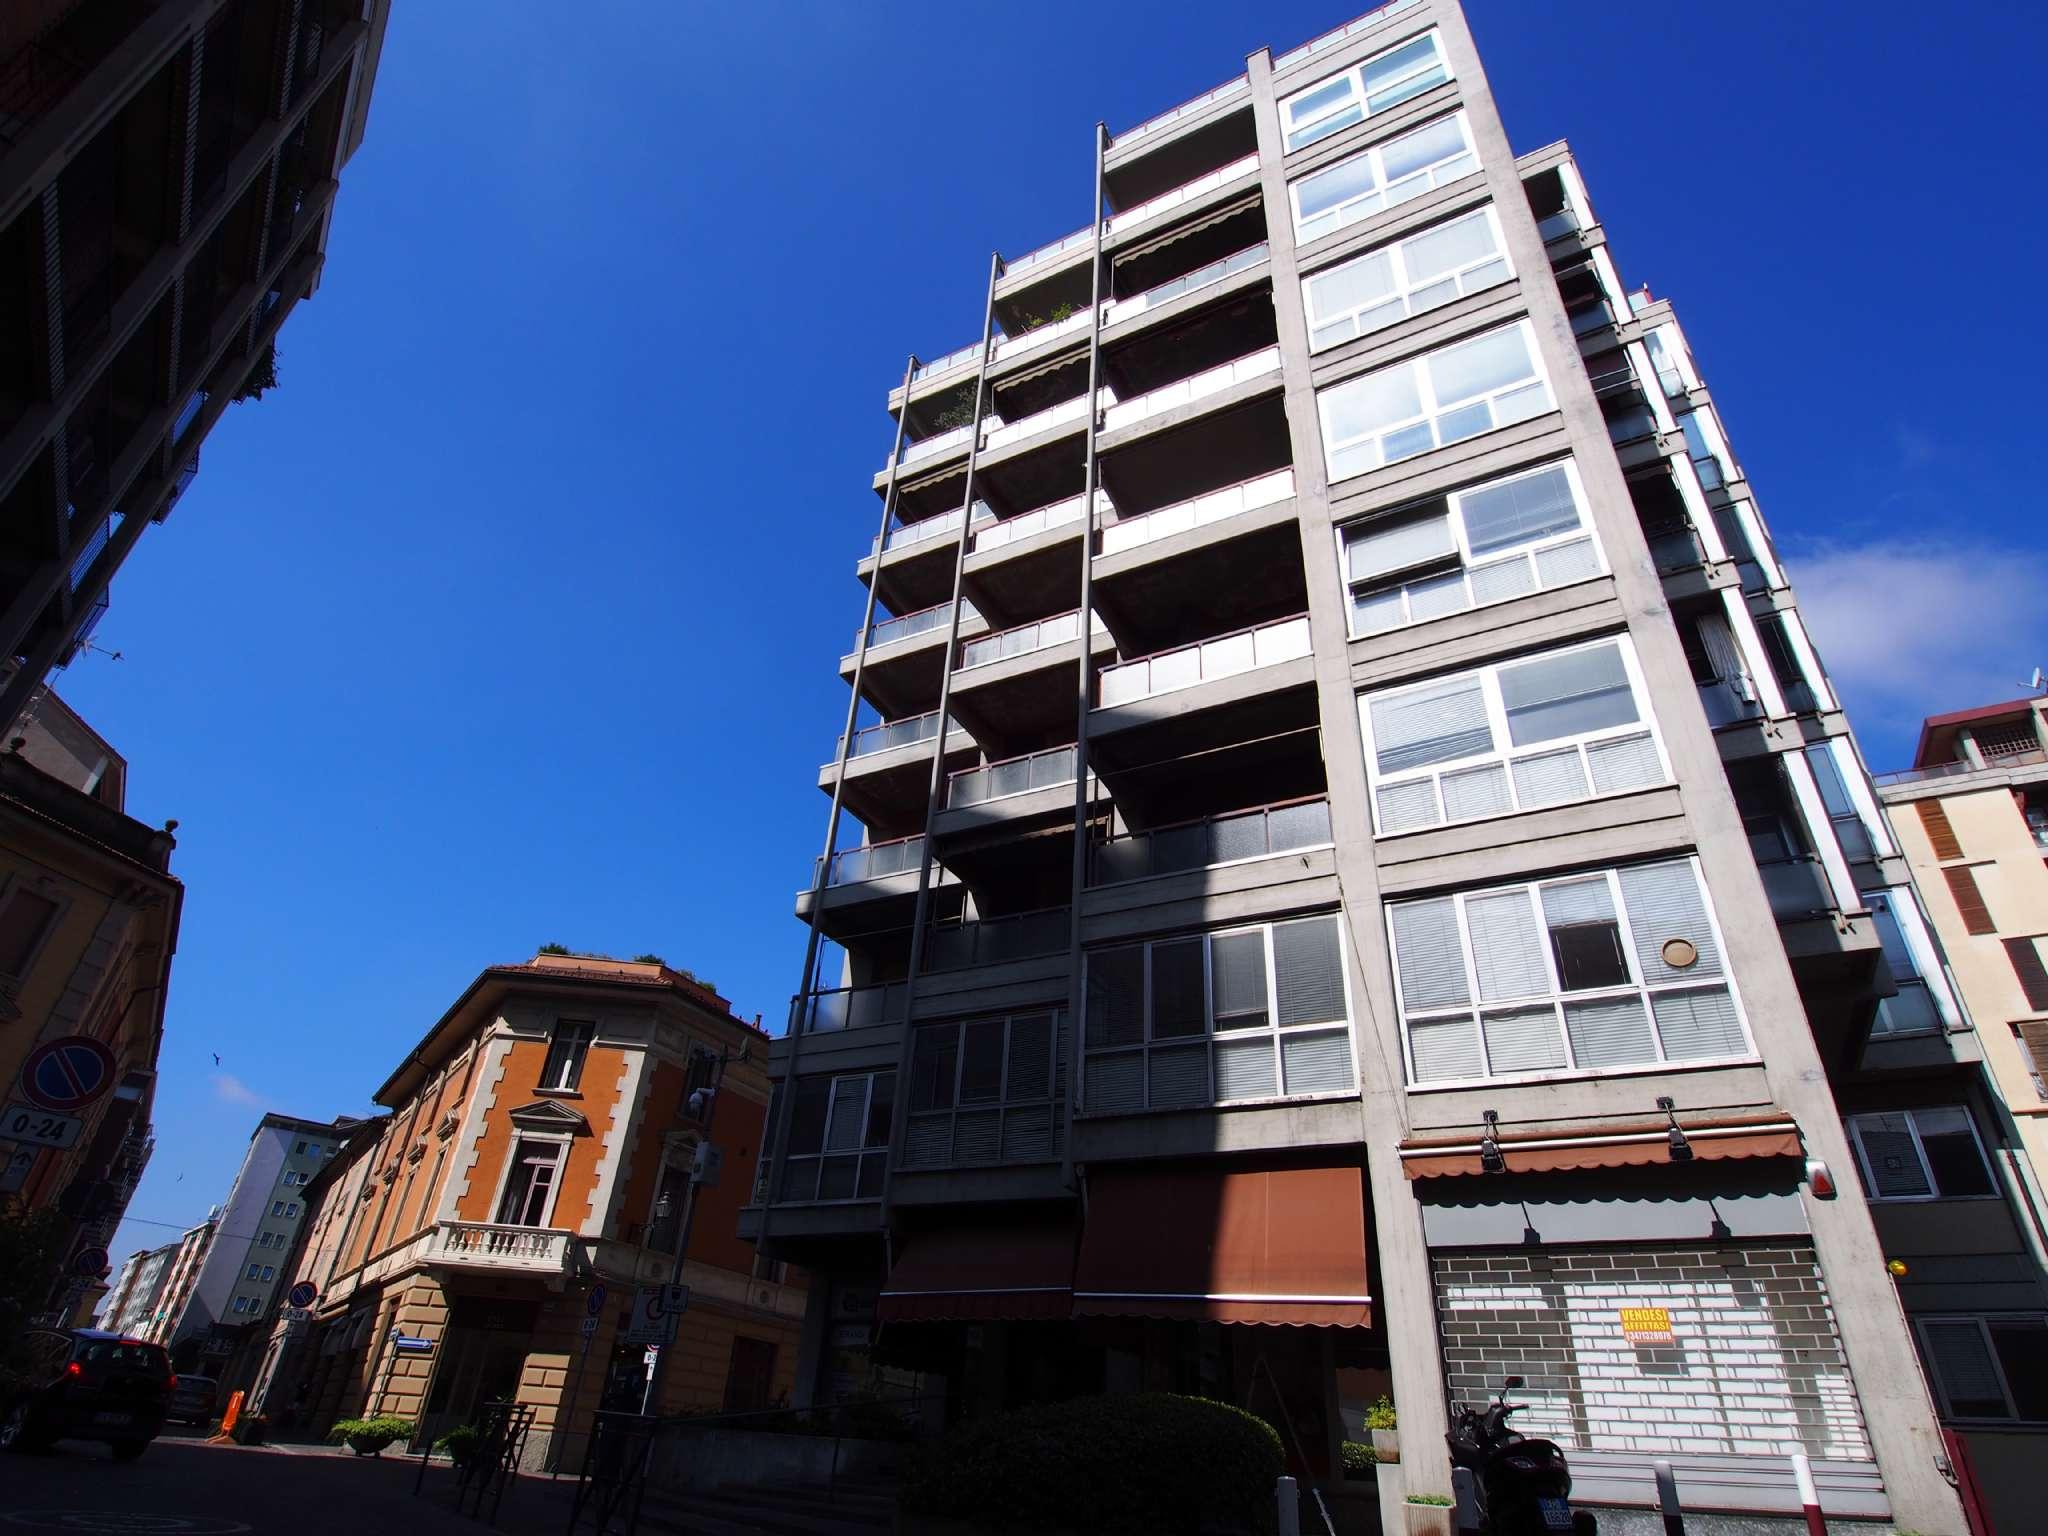 Ufficio / Studio in vendita a Tortona, 8 locali, prezzo € 203.000 | PortaleAgenzieImmobiliari.it